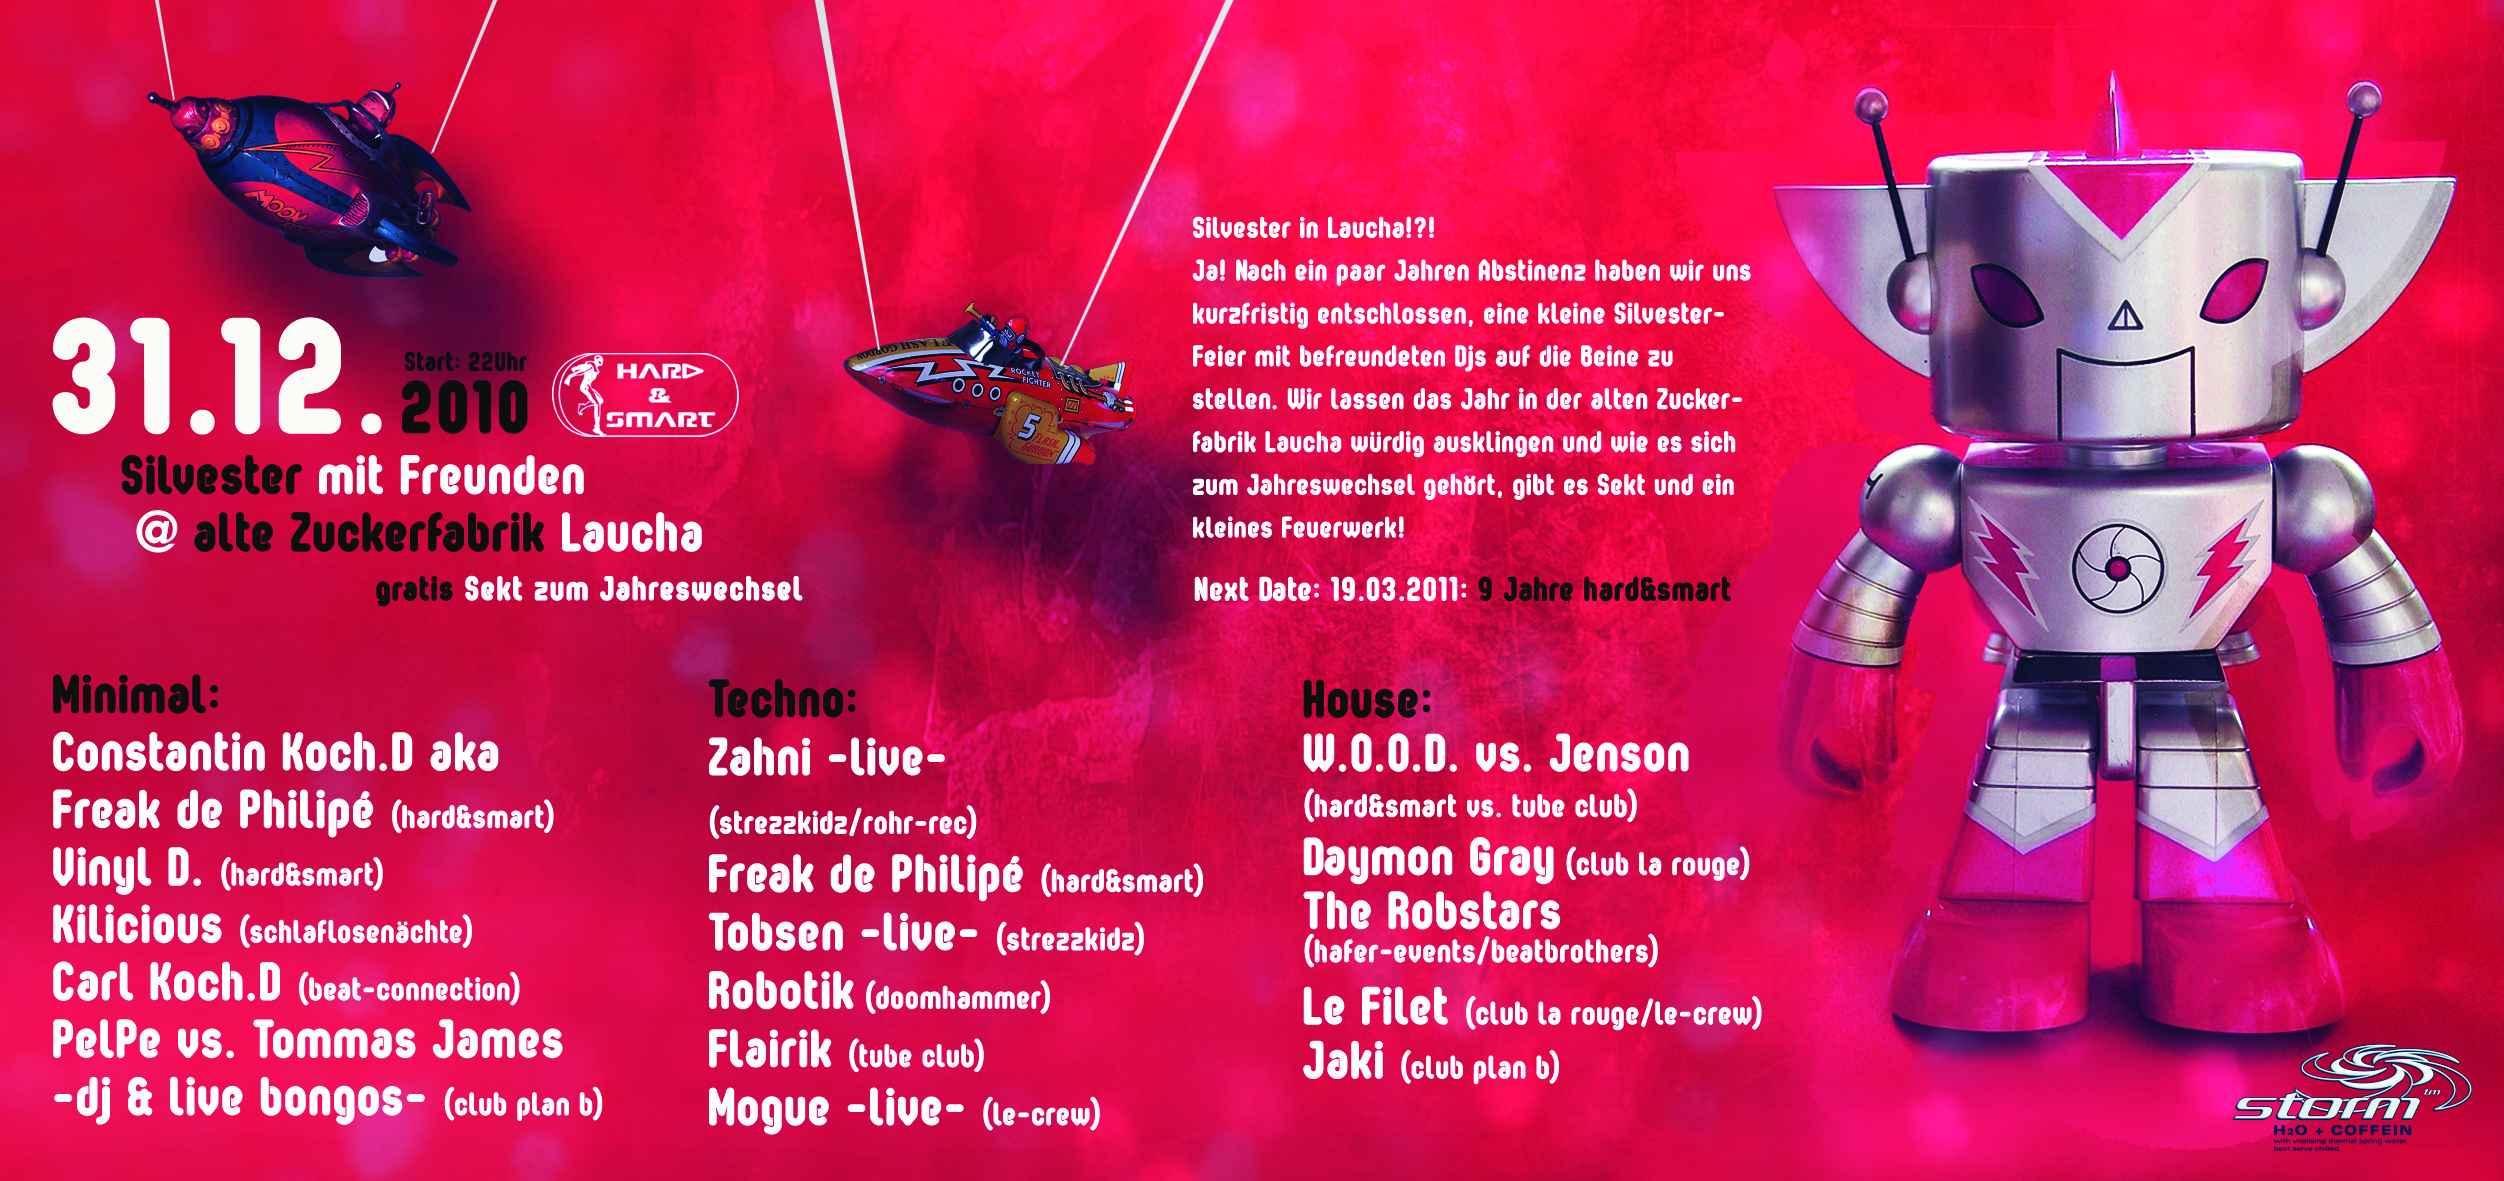 event silvester mit freunden am 2010 12 31 zuckerfabrik laucha partybilder24. Black Bedroom Furniture Sets. Home Design Ideas